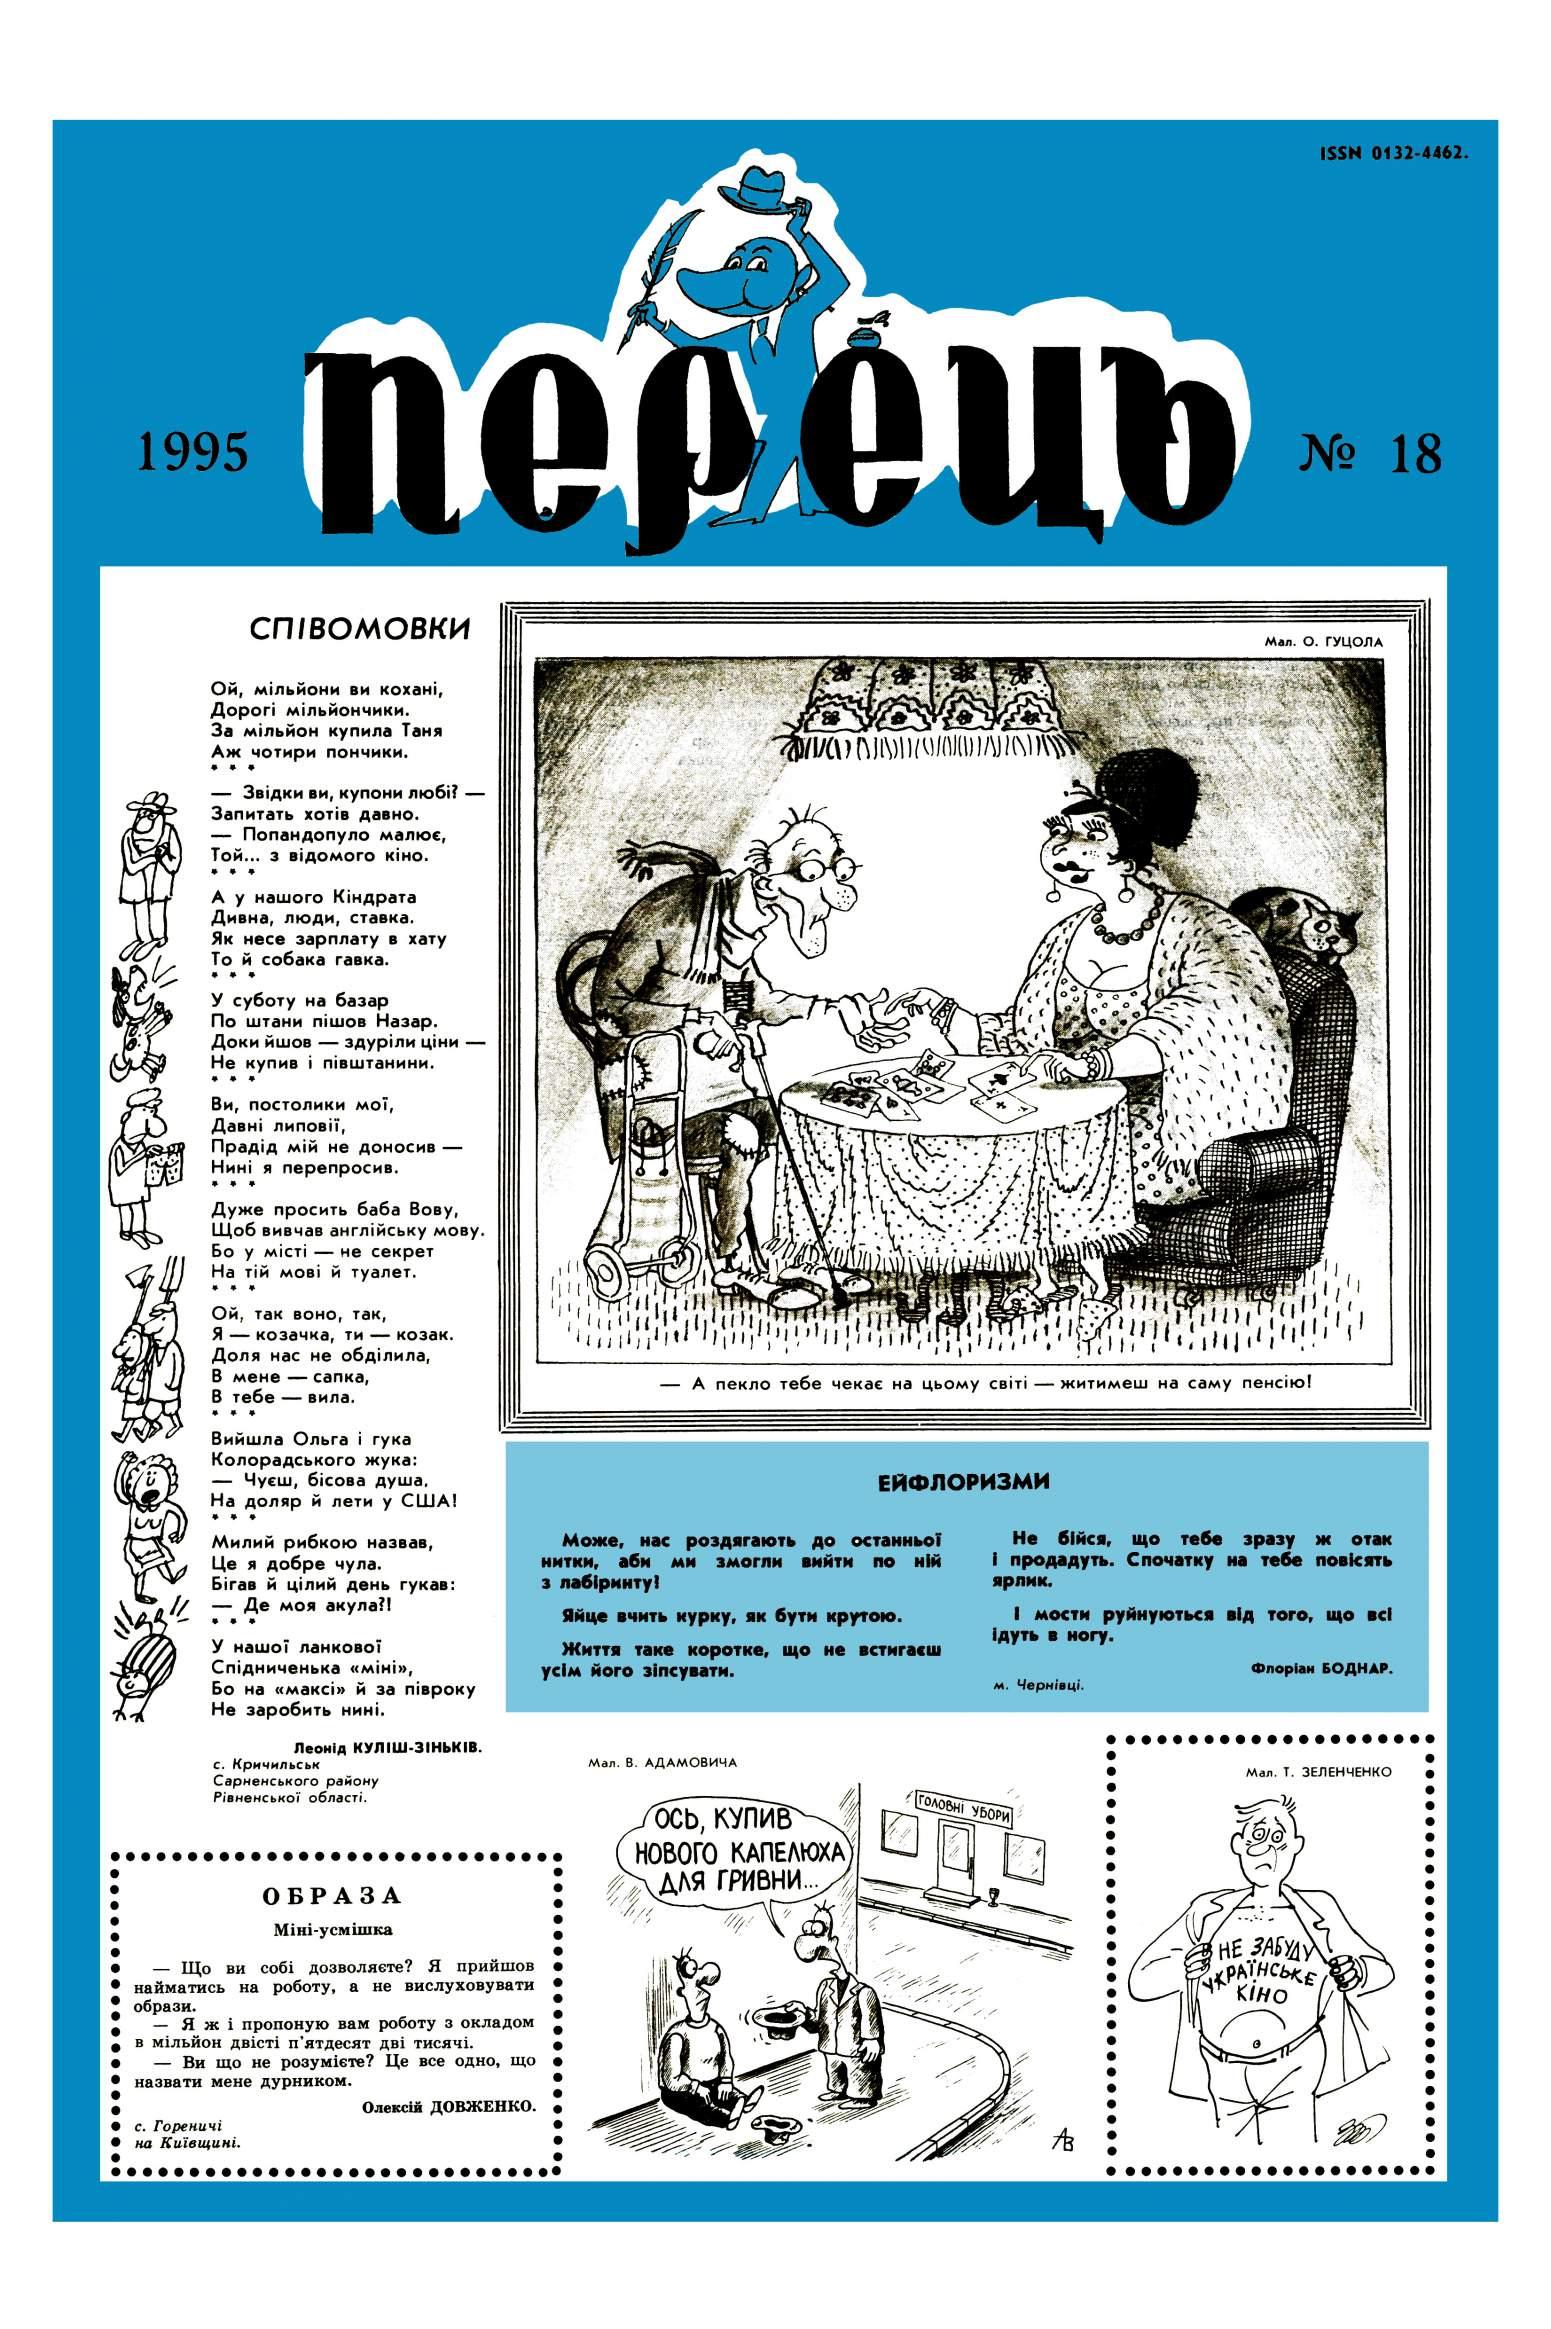 Журнал перець 1995 №18